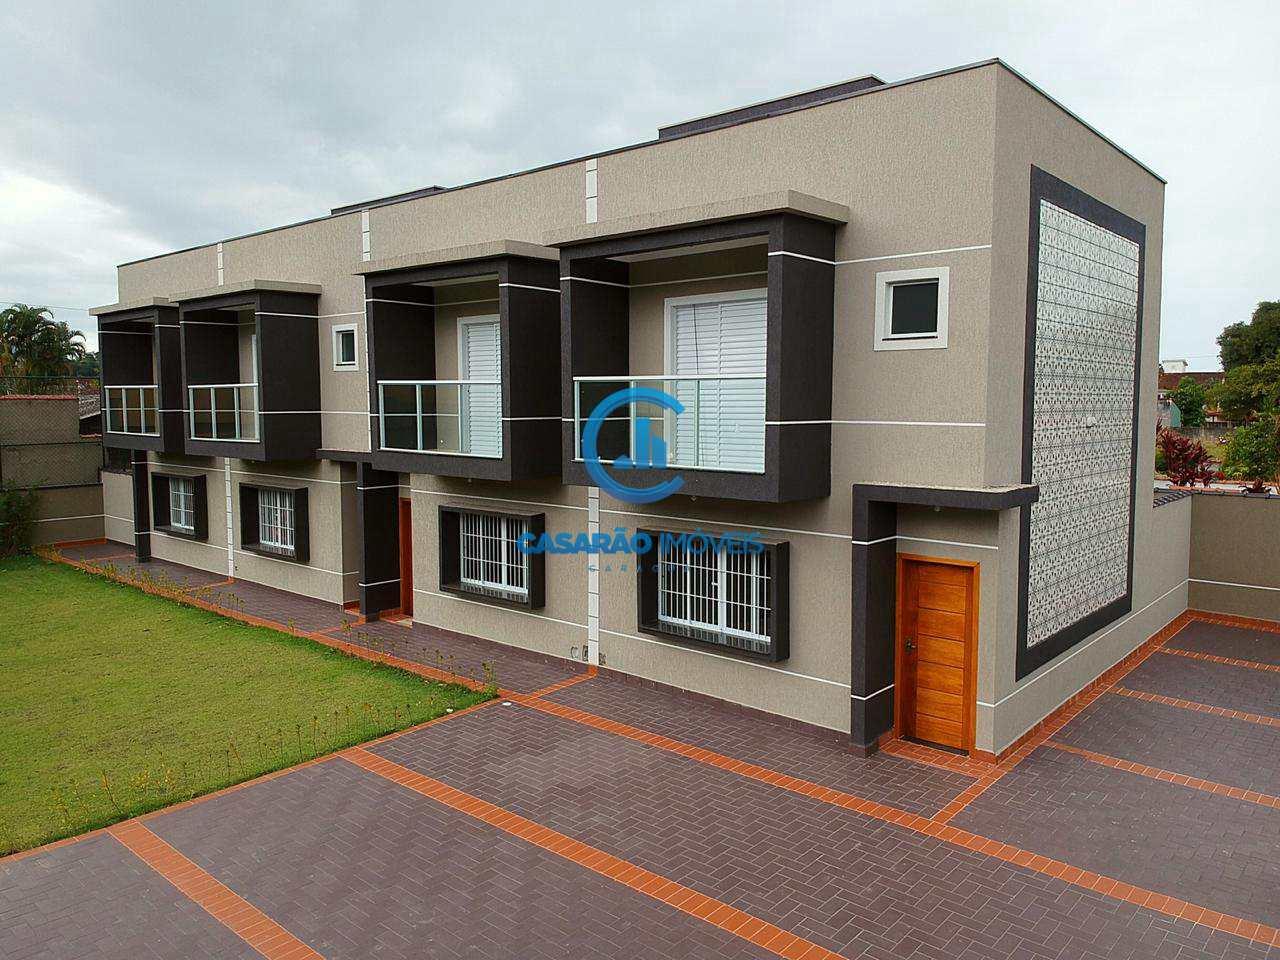 Sobrado de Condomínio com 2 dorms, Jardim do Sol, Caraguatatuba - R$ 300 mil, Cod: 1140